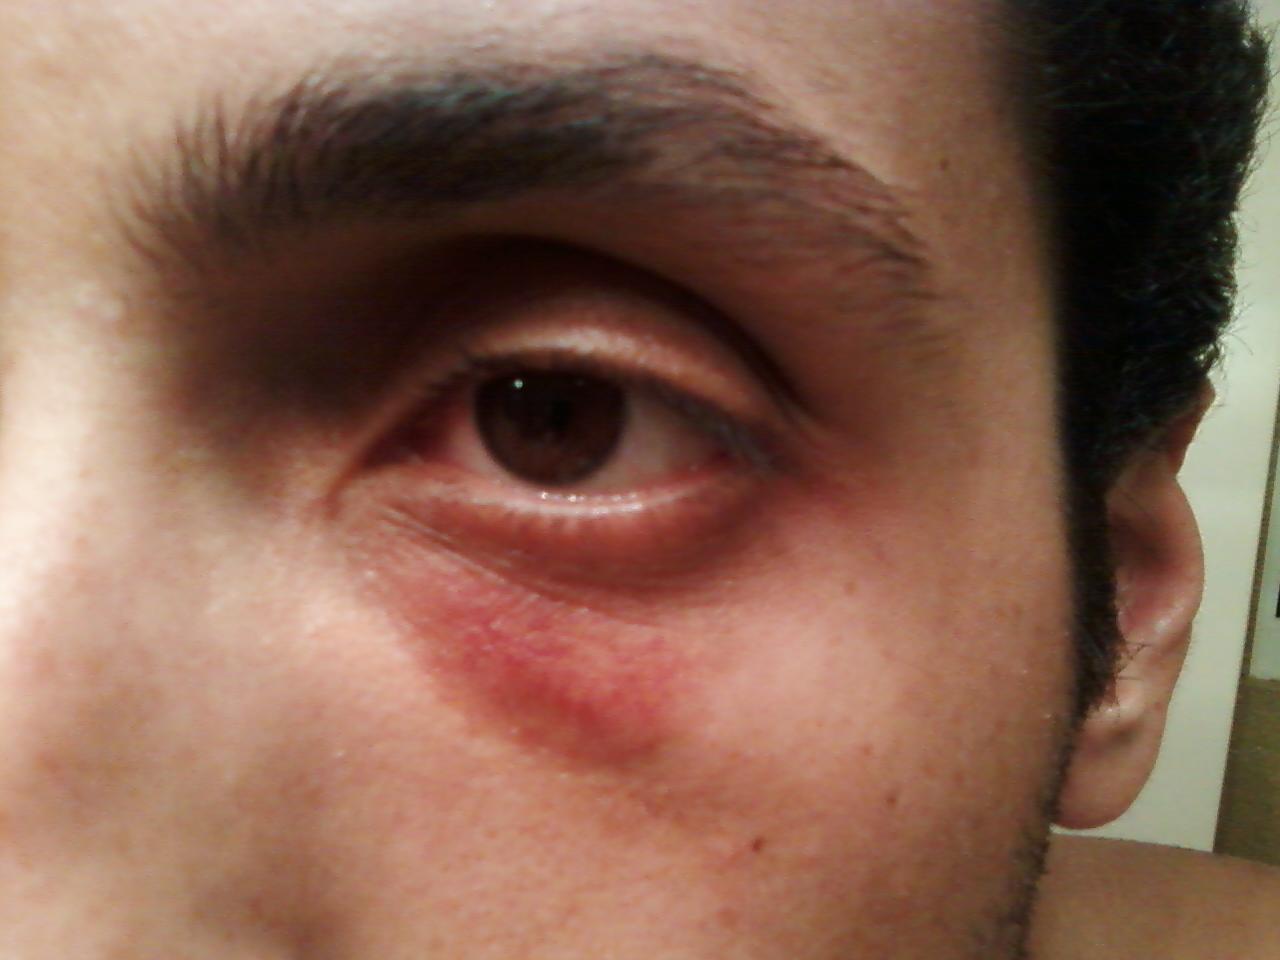 Ringworm, Facial (Tinea Faciei) - skinsight